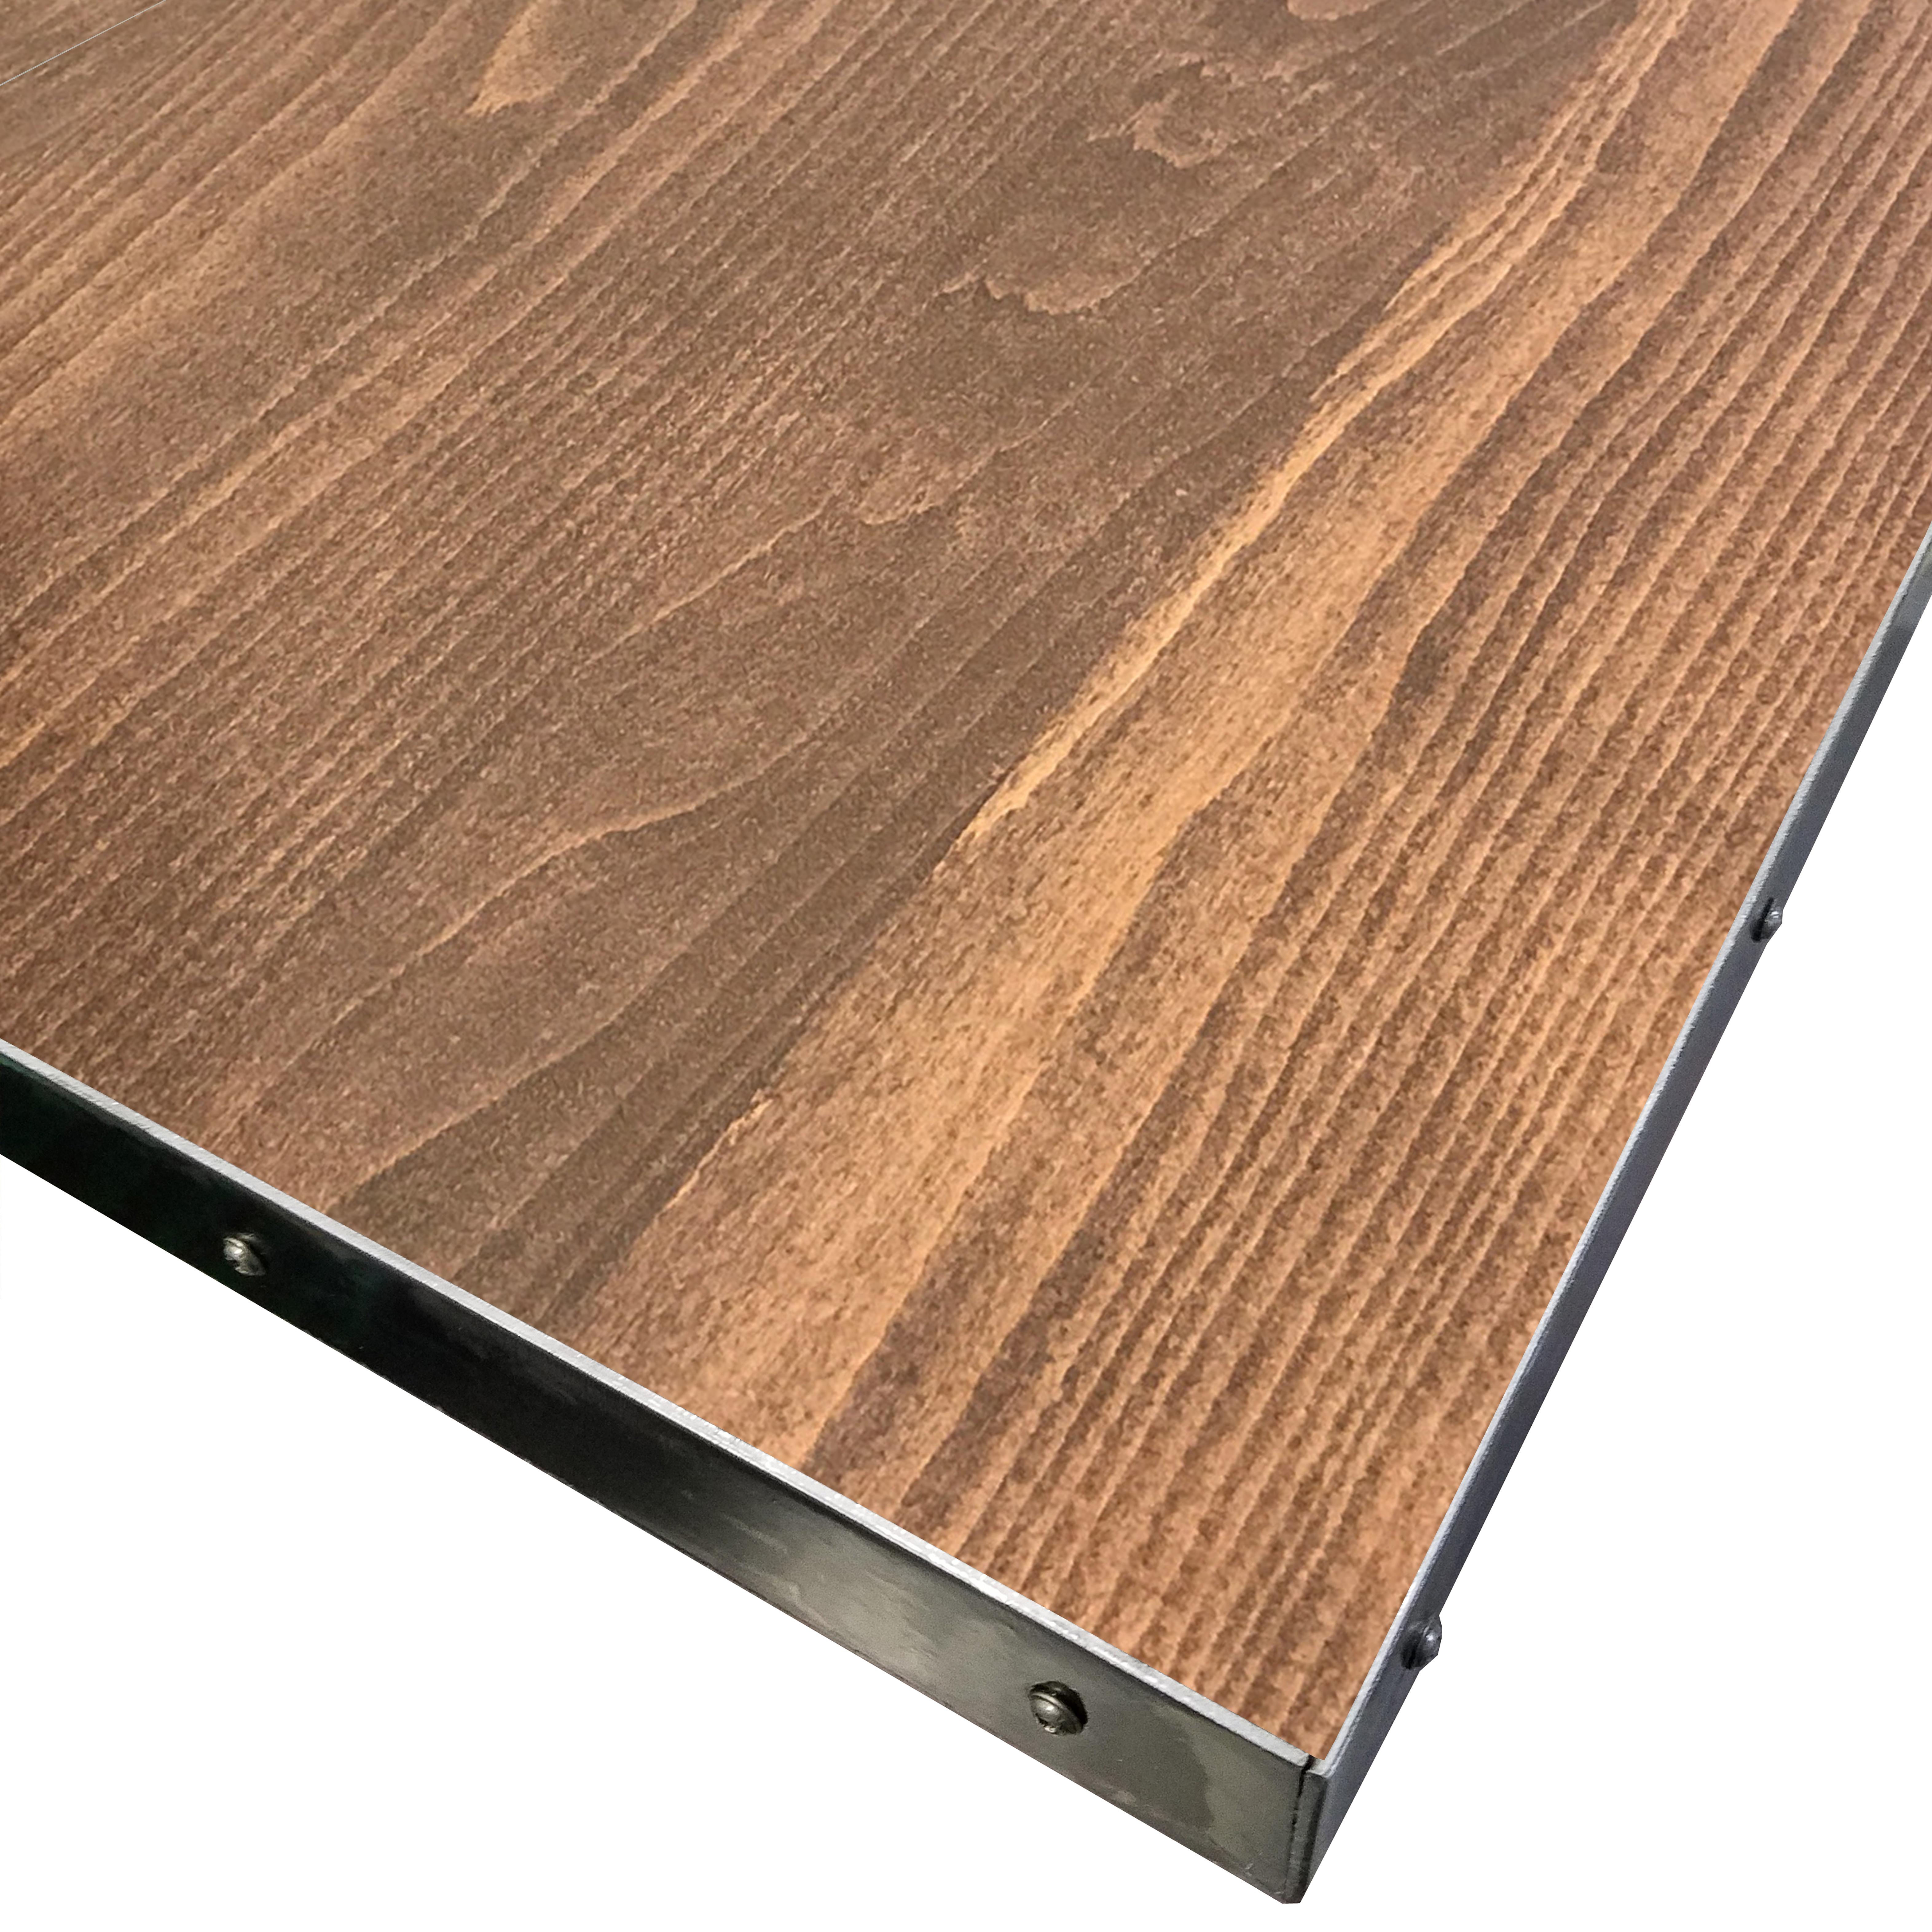 Oak Street FT42R-E table top, wood